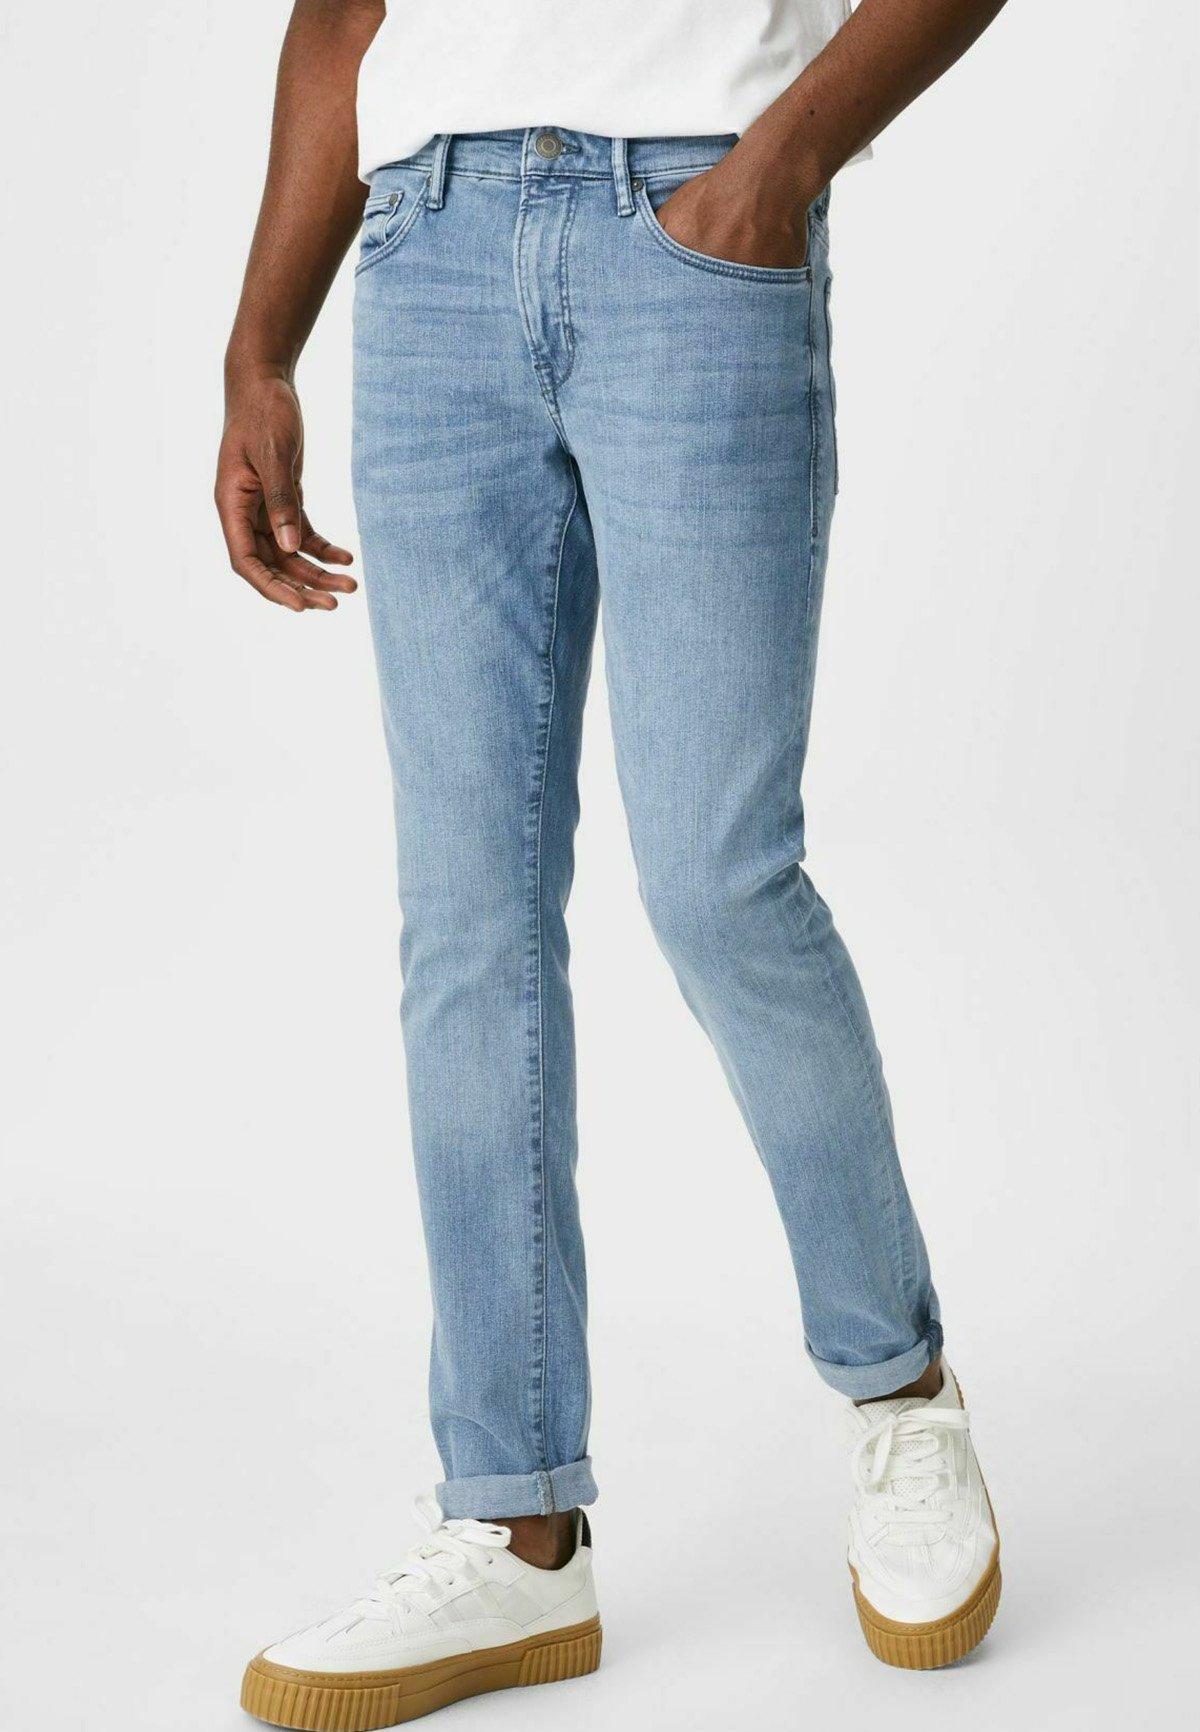 Herren Jeans Skinny Fit - denim-light blue